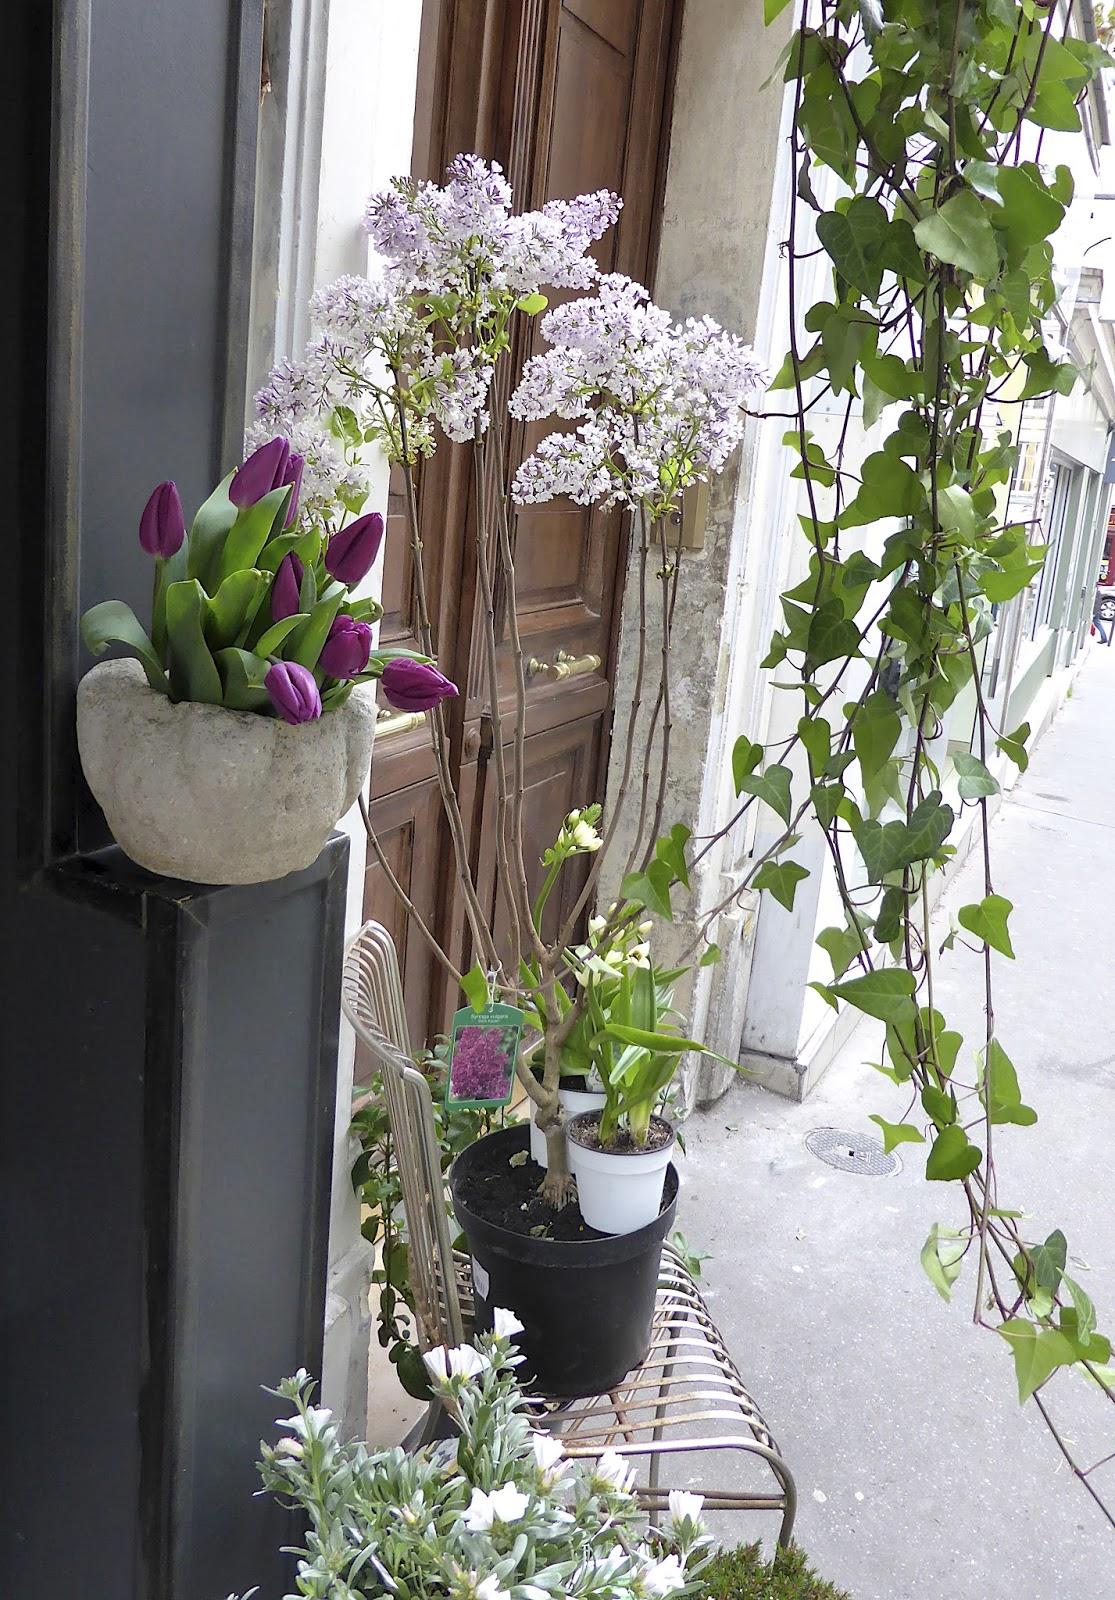 manon 21 paris et ses fleurs. Black Bedroom Furniture Sets. Home Design Ideas